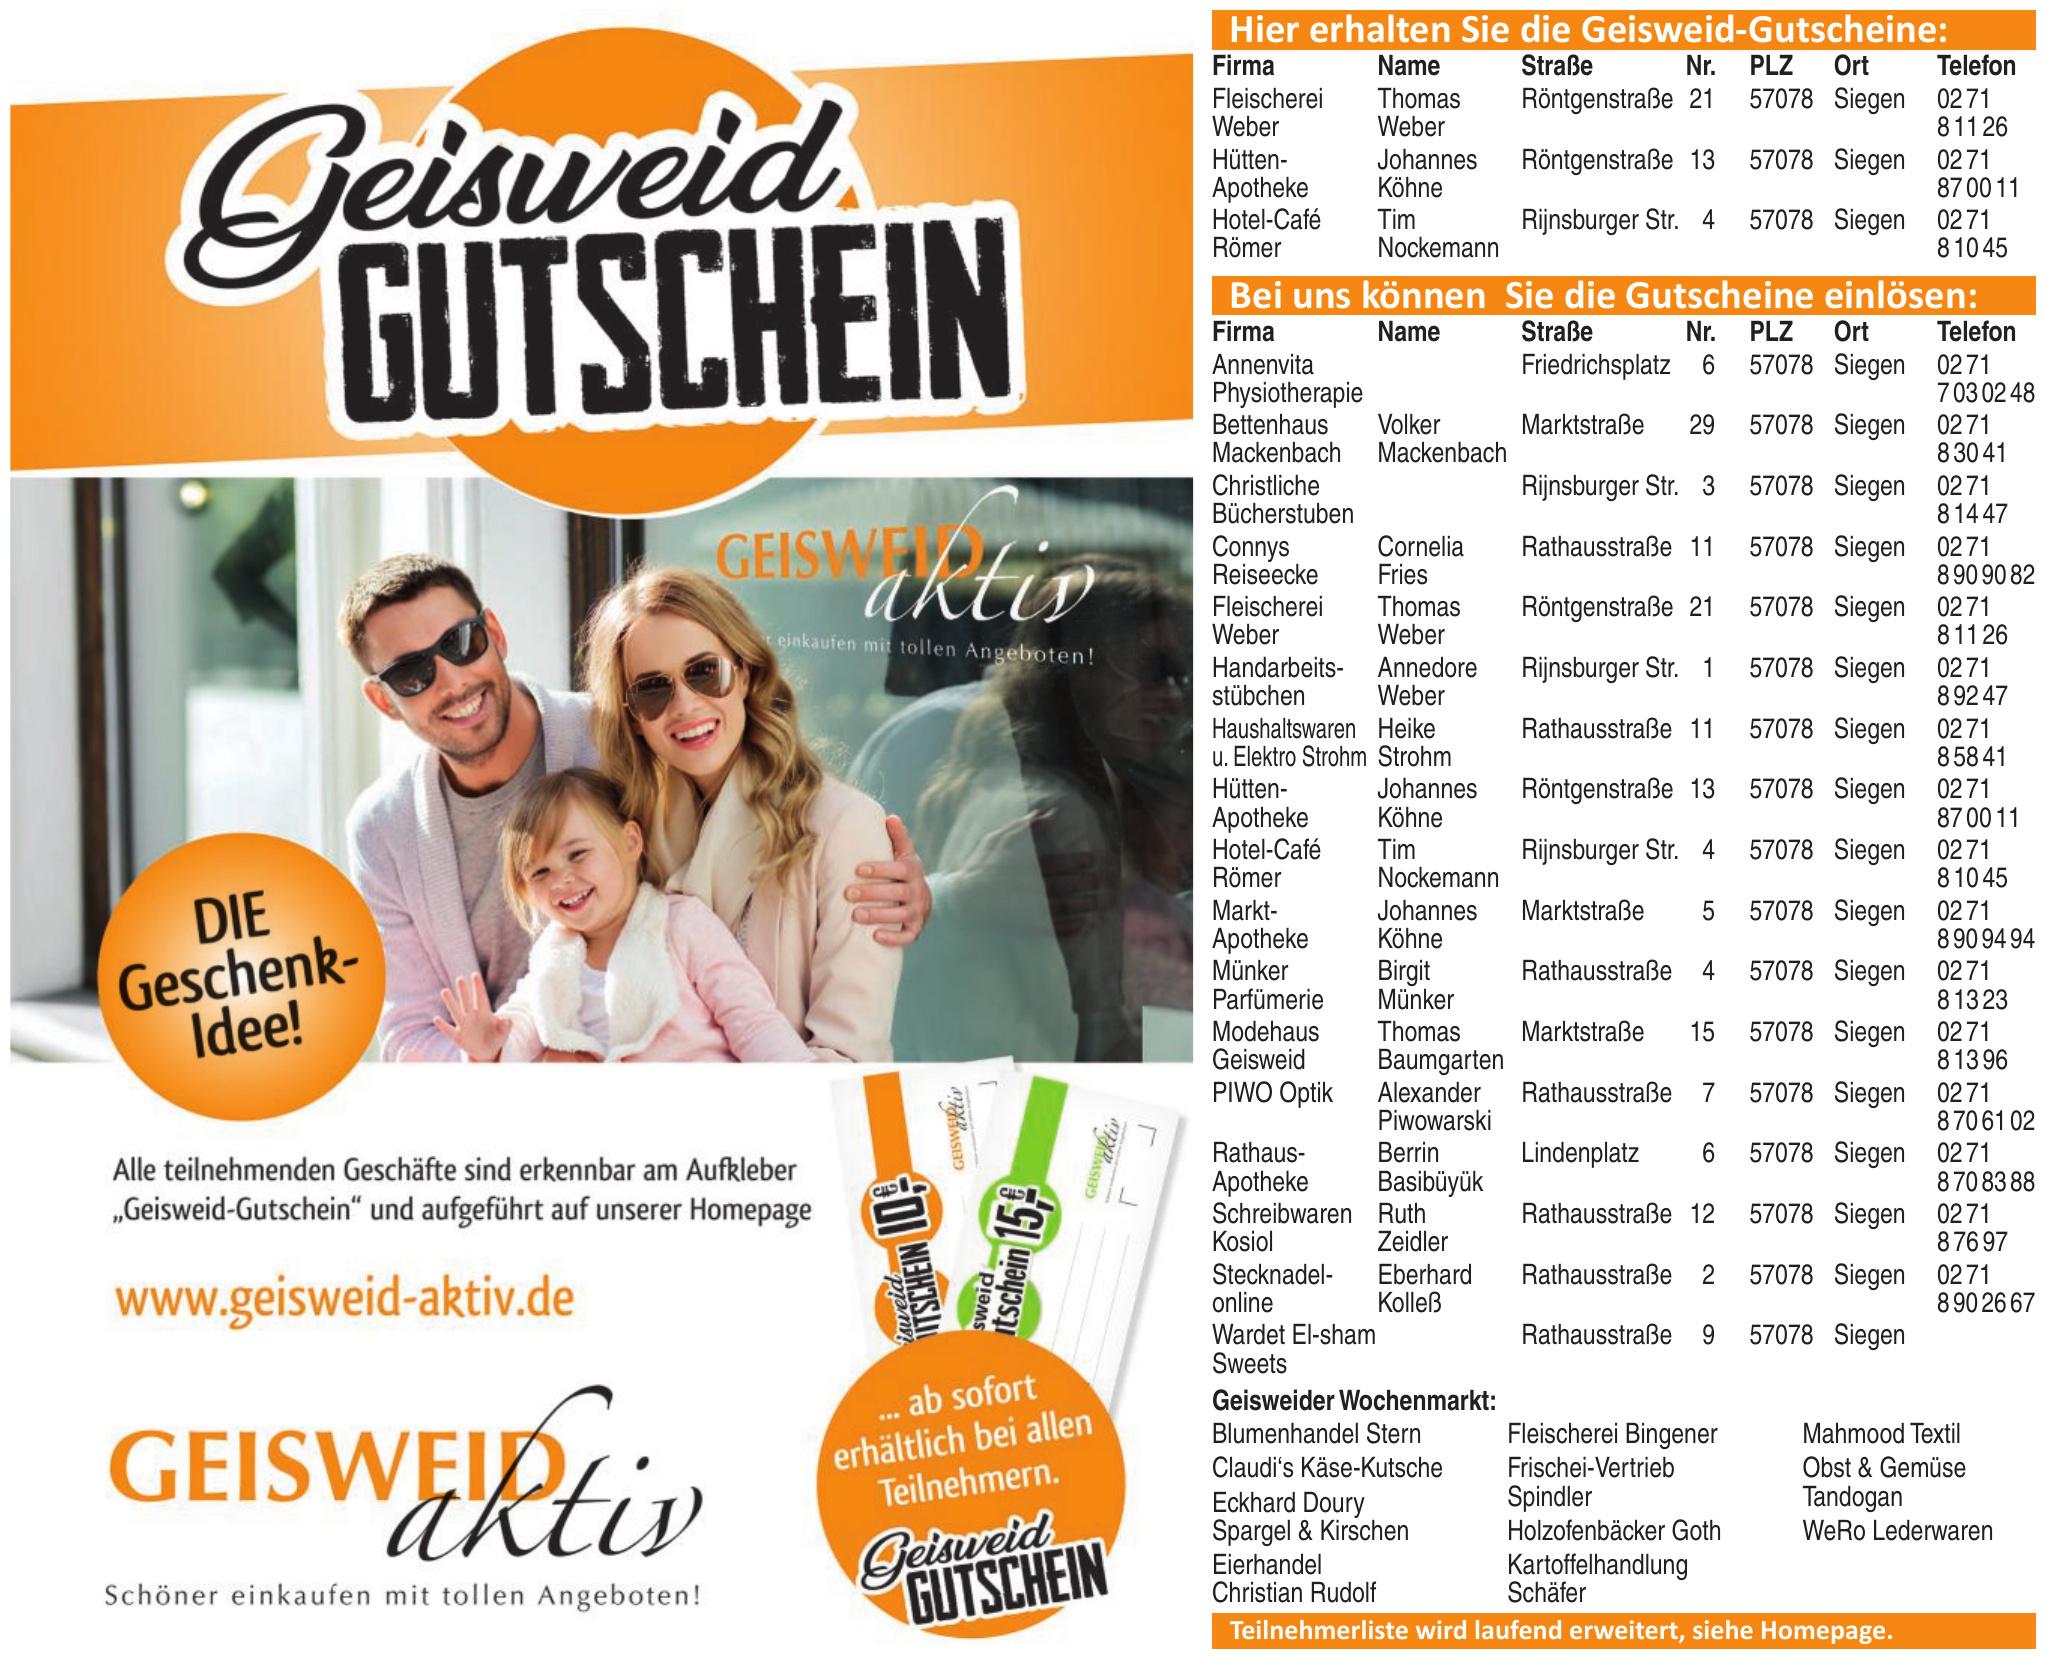 Geisweid Aktiv